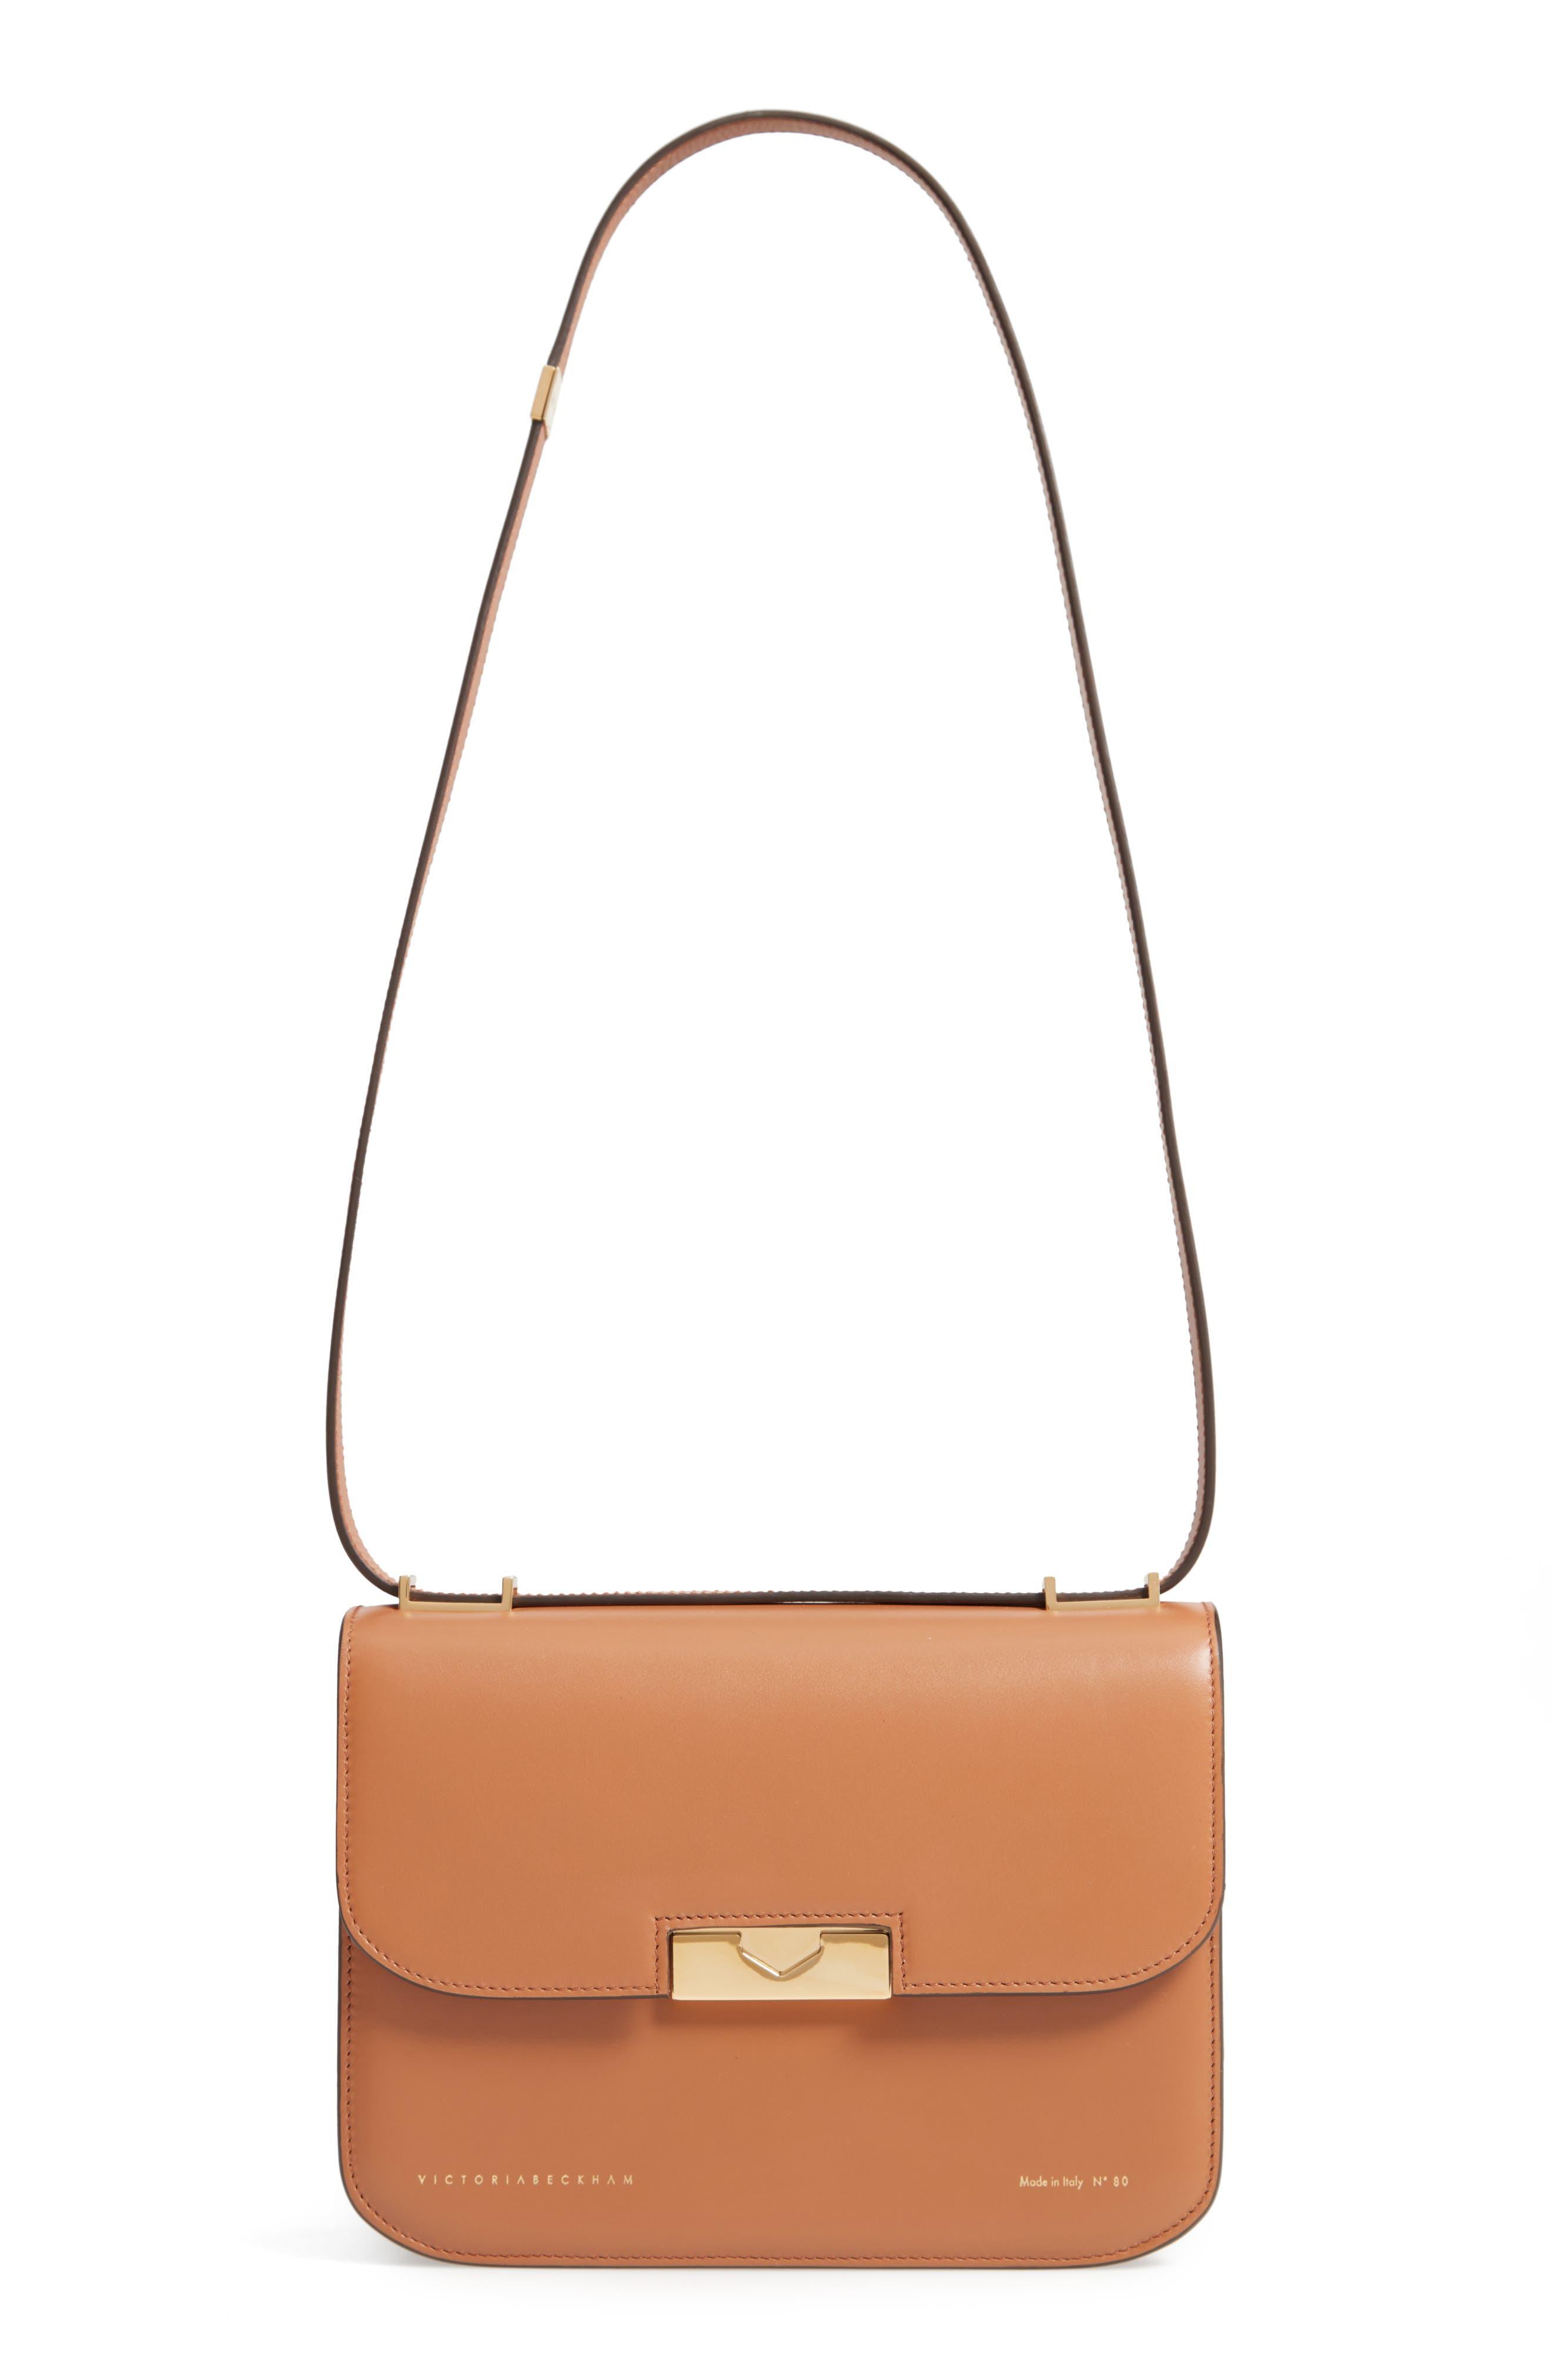 VICTORIA BECKHAM, Eva Calfskin Leather Shoulder Bag, Main thumbnail 1, color, CAMEL